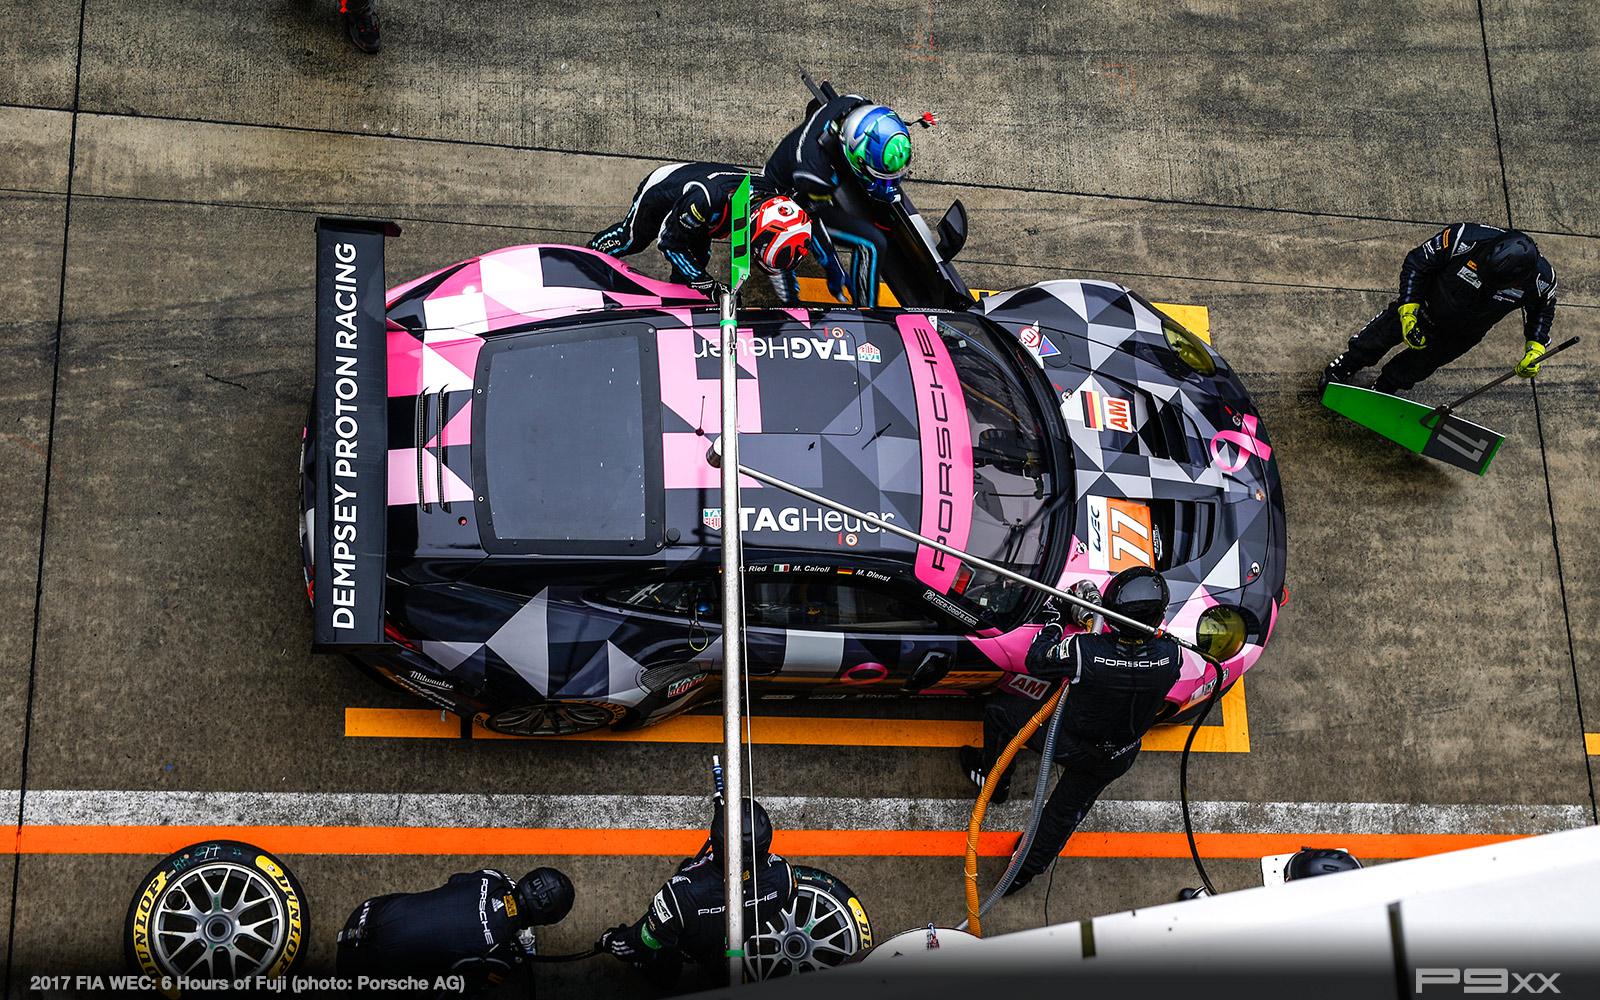 2017-FIA-WEC-6h-of-Fuji-Porsche-395